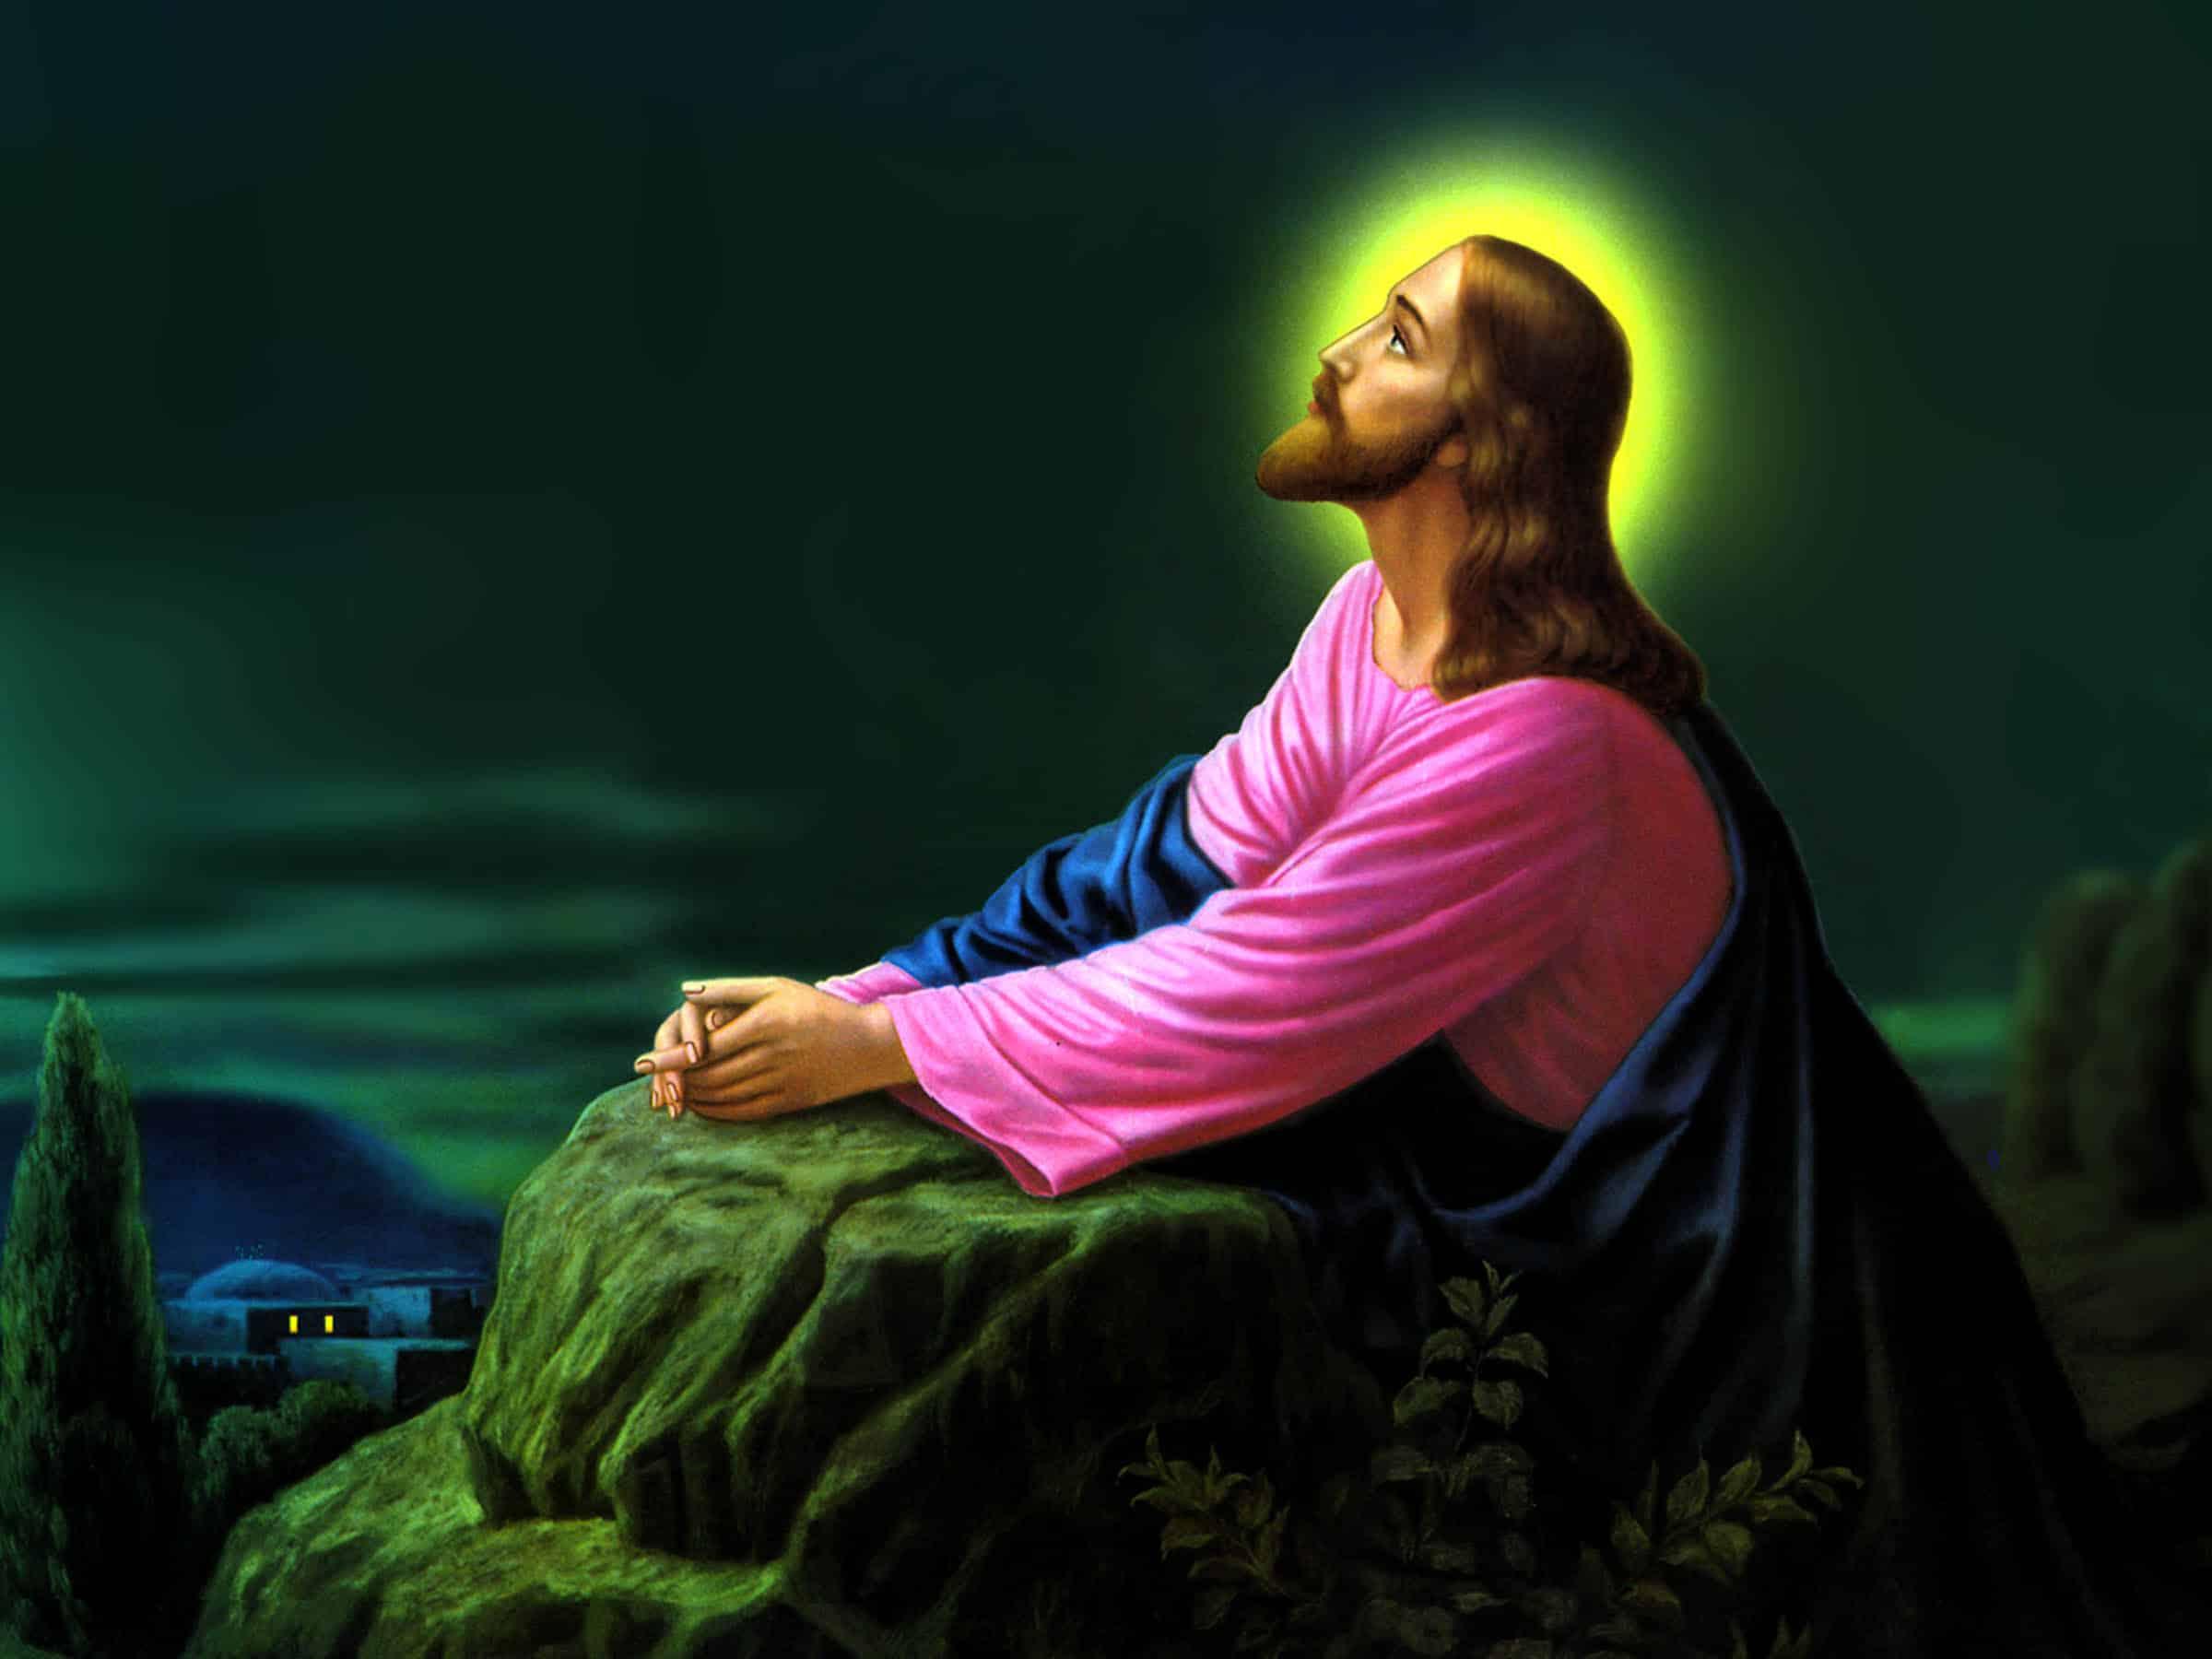 Jesus Image.jpg.